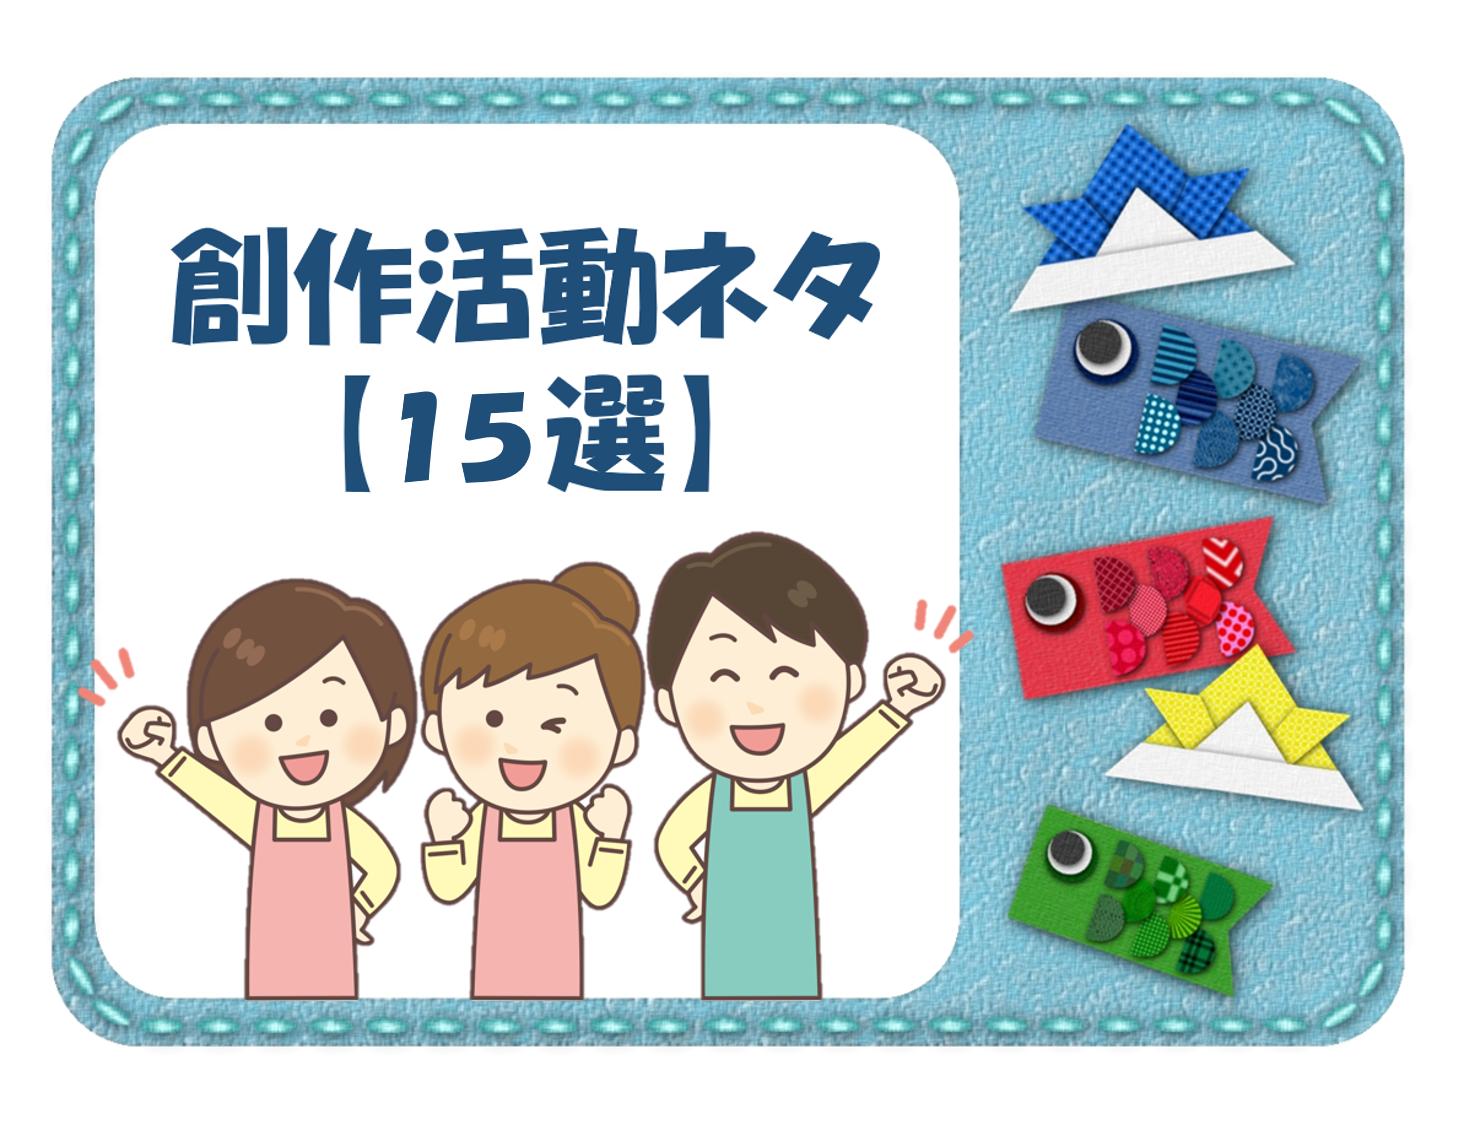 【高齢者向け】デイサービスでできる創作活動ネタ15選!!